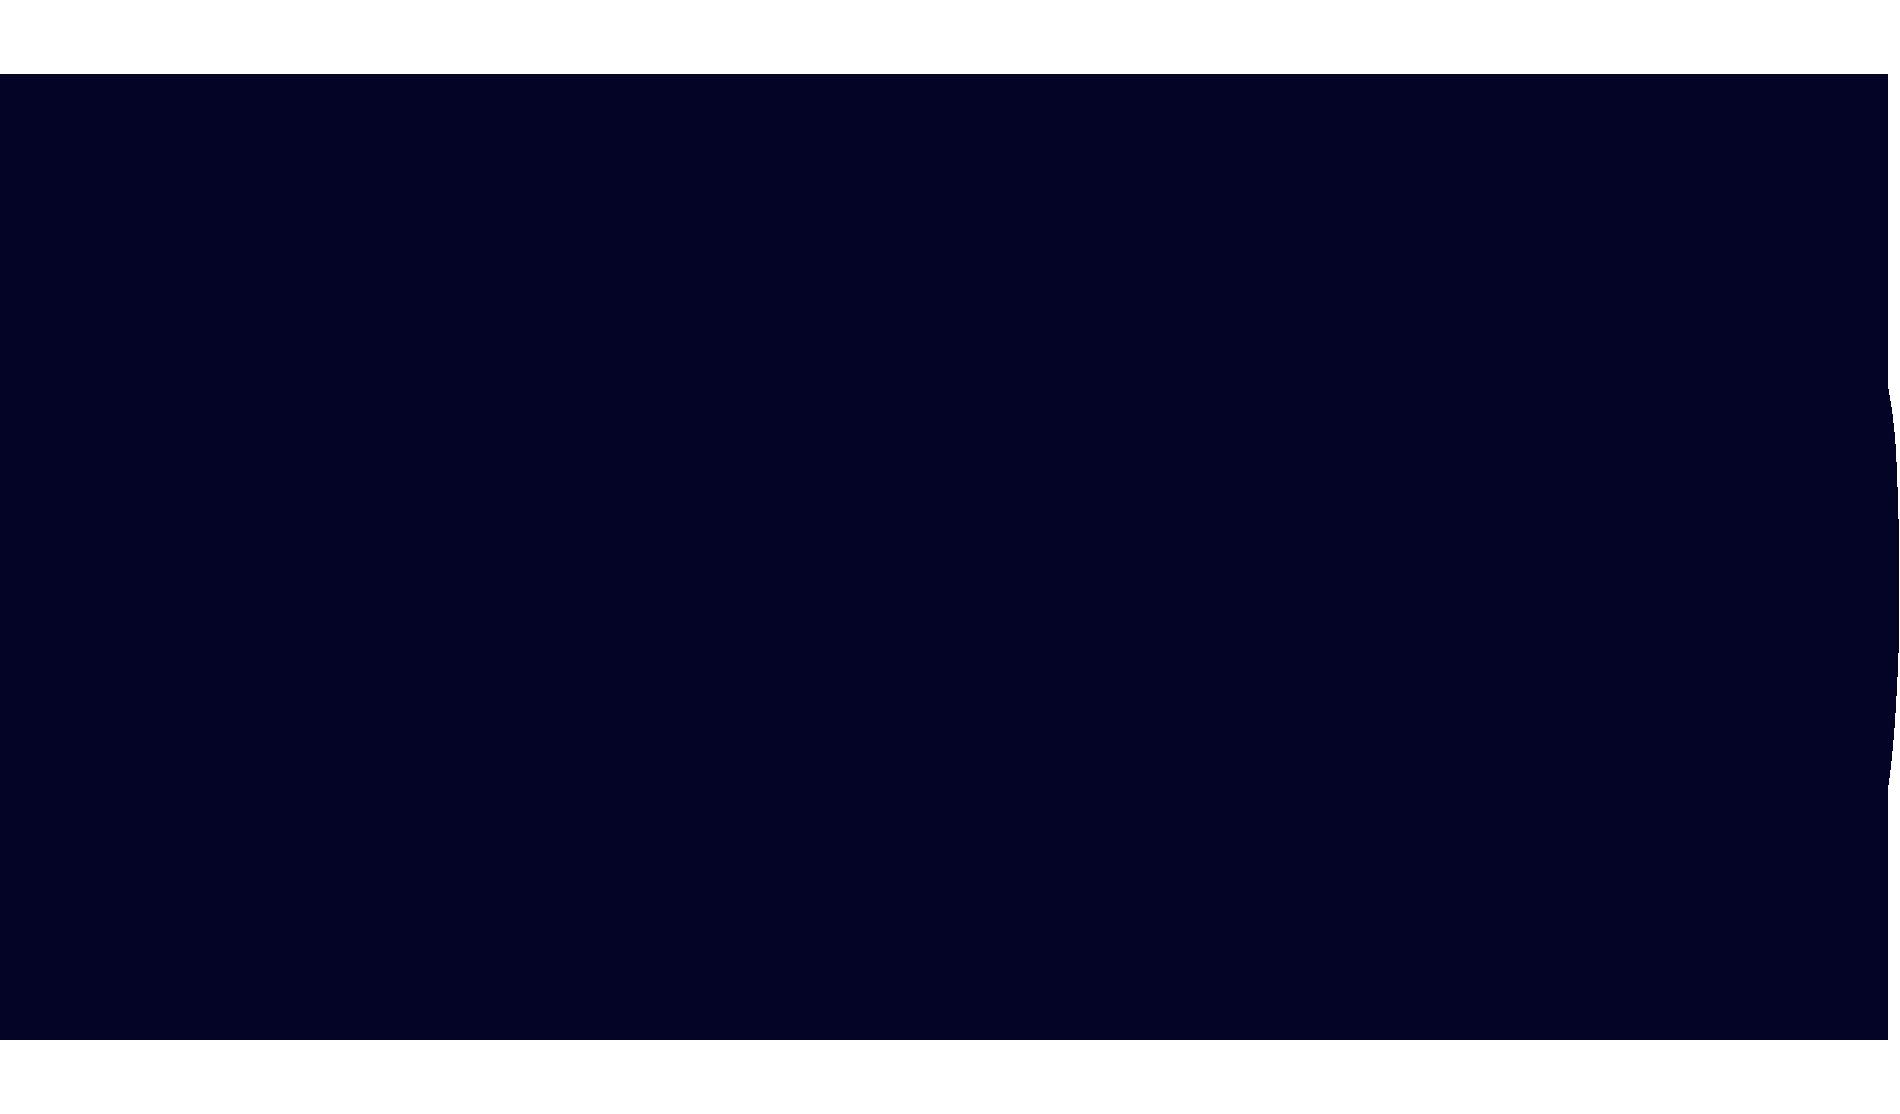 Goggles clipart ski goggles, Goggles ski goggles Transparent.